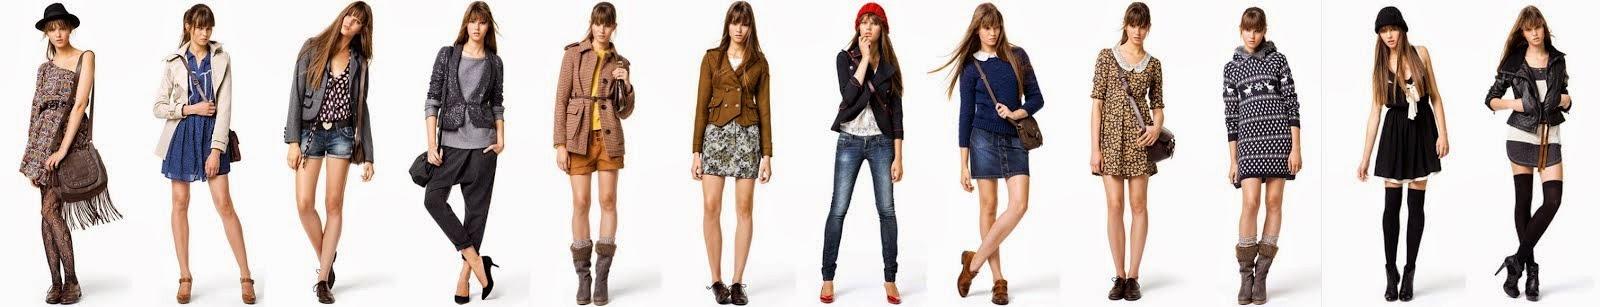 ***Street Fashion Clothing***